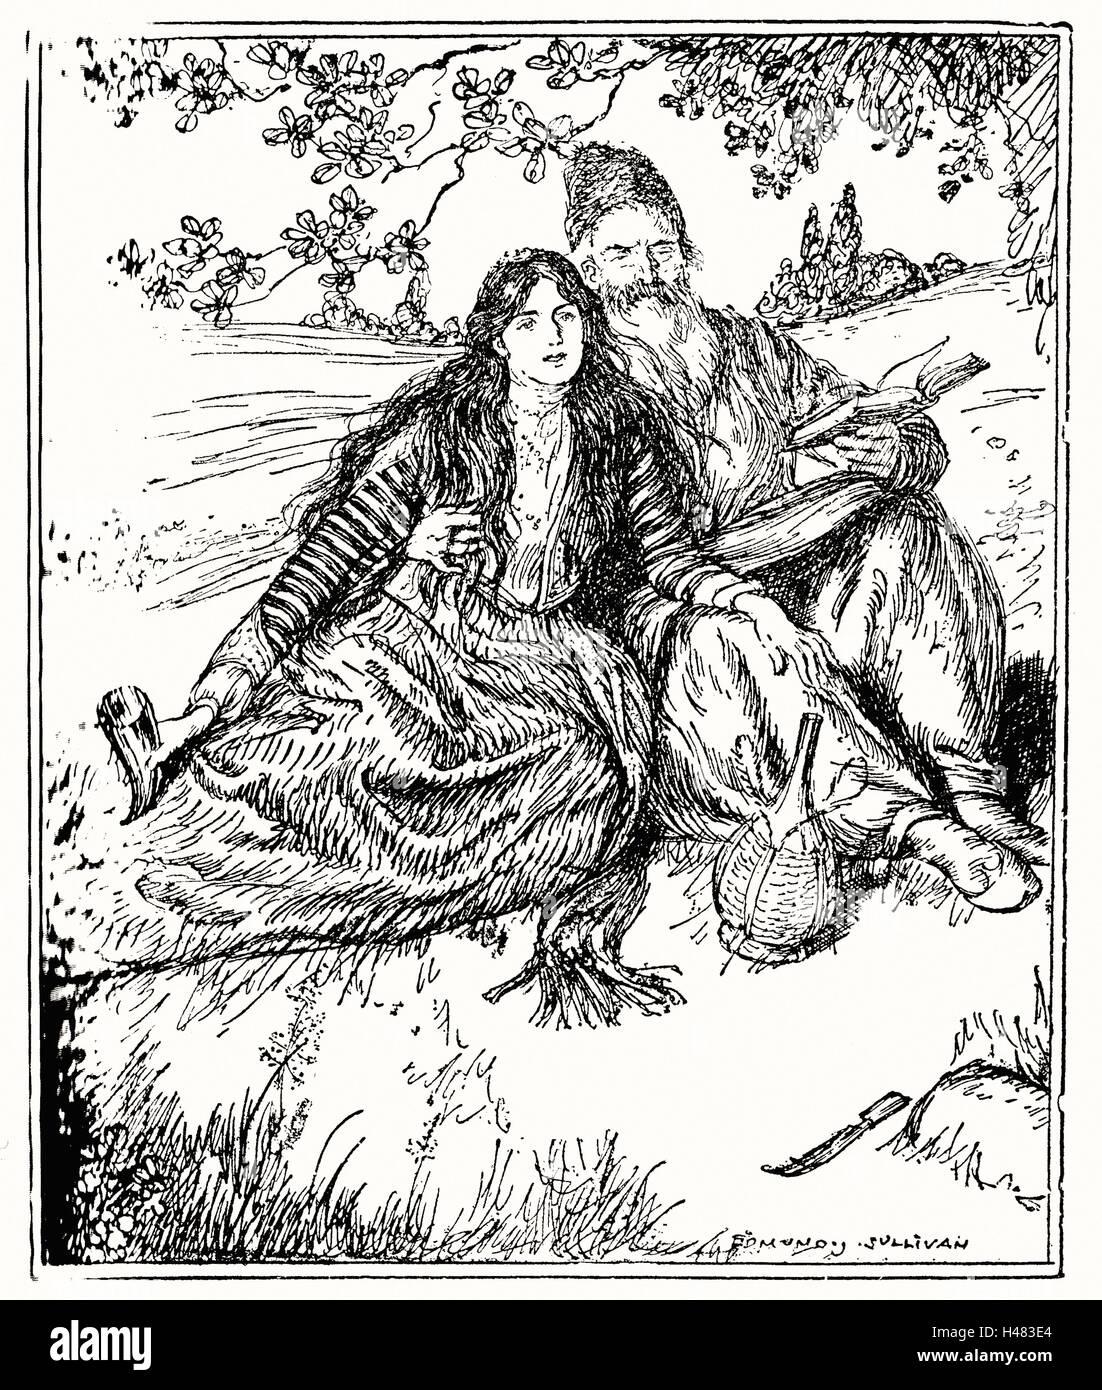 Edmund J Sullivan Abbildungen, das Rubaiyat von Omar Khayyam erste Version Vierzeiler Stockbild